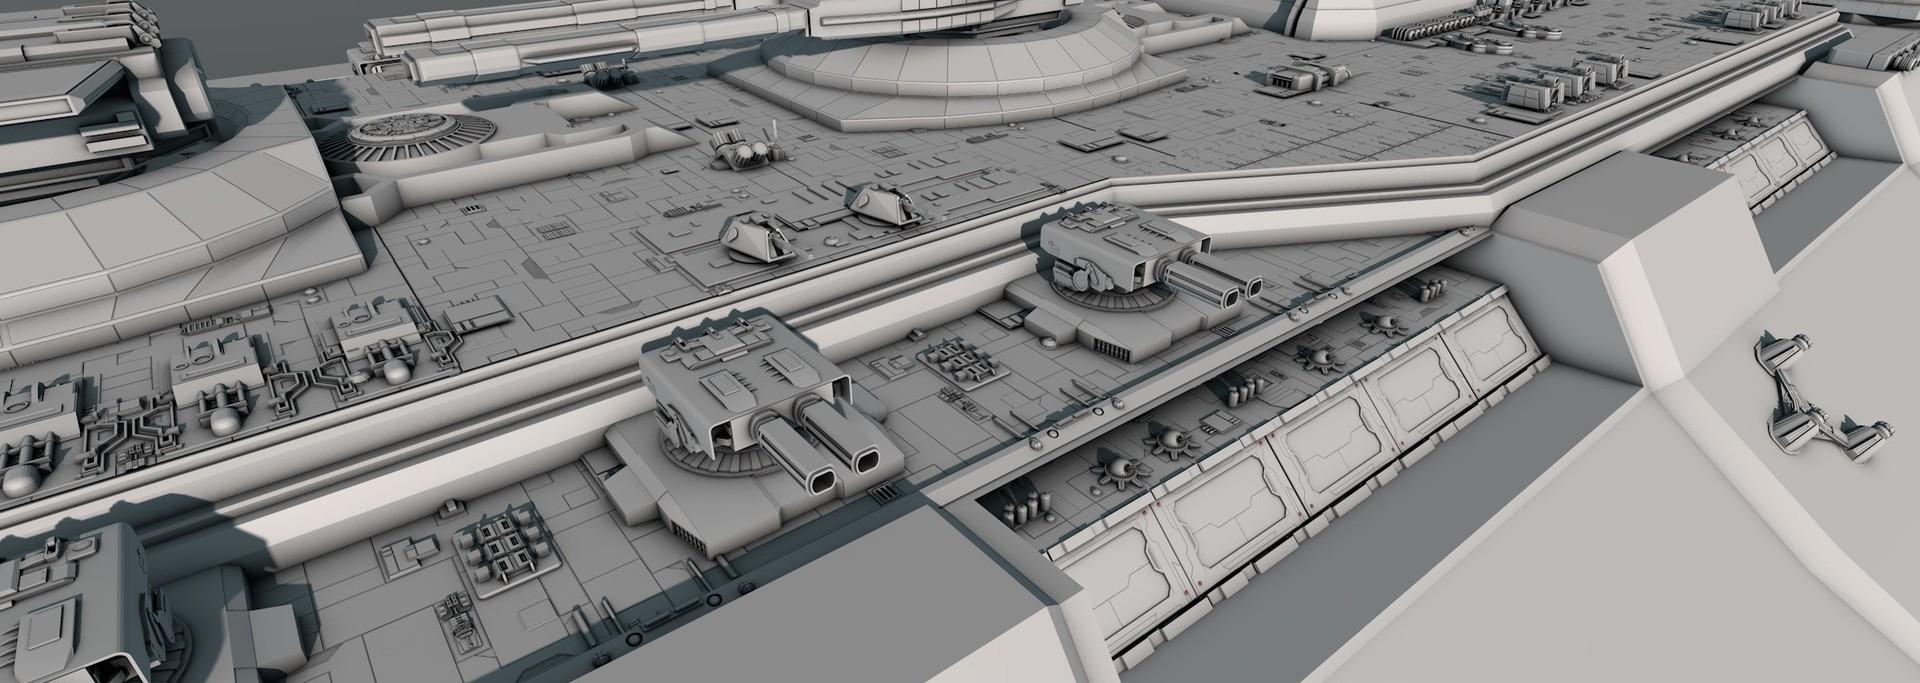 Glenn clovis concept battleship saratoga 16